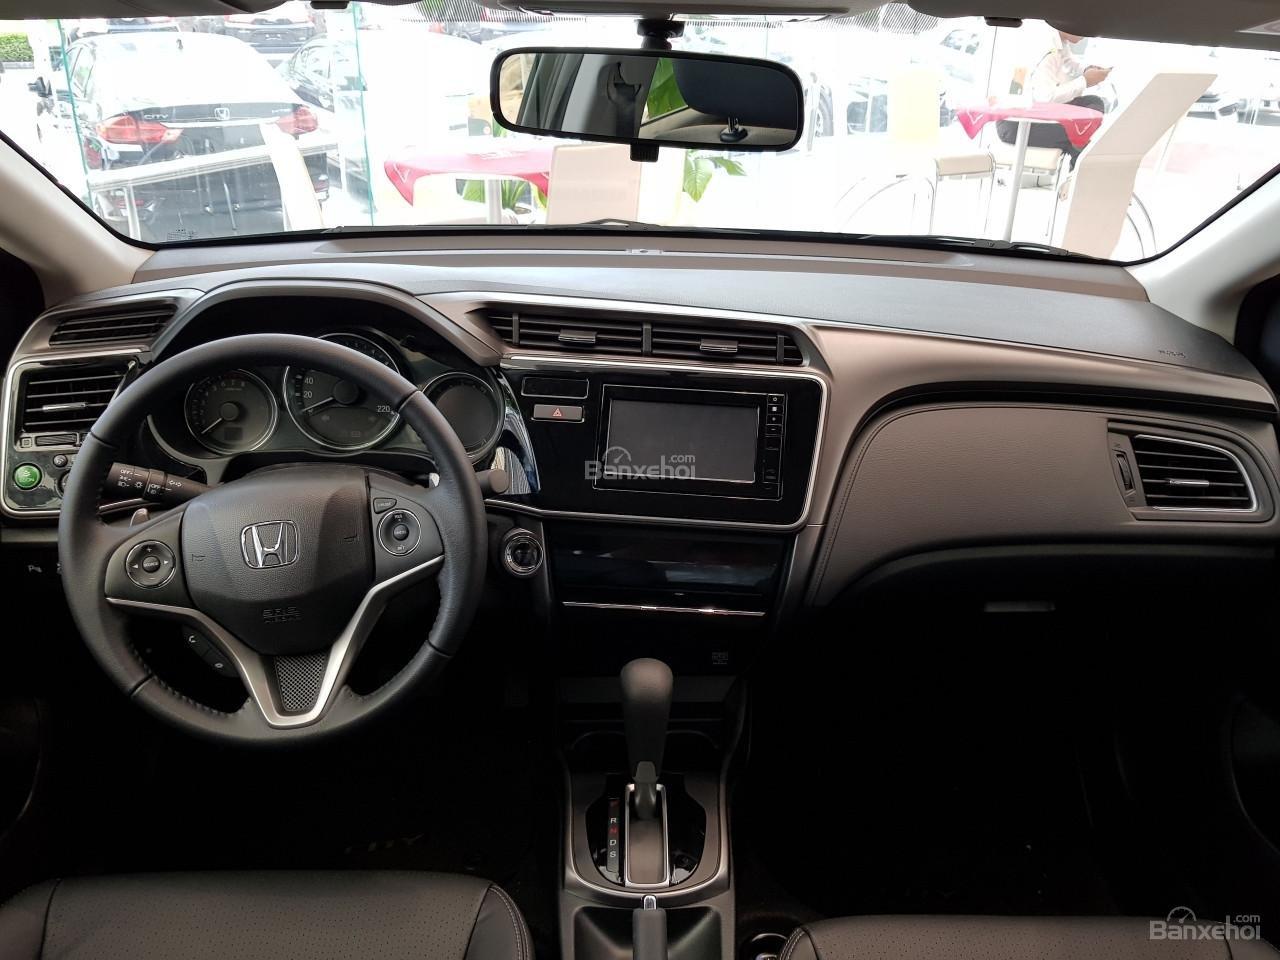 Honda Mỹ Đình - Honda City 2019 đủ màu, khuyến mại lên đến 40tr, giao xe ngay - LH: 0985.27.666 (4)